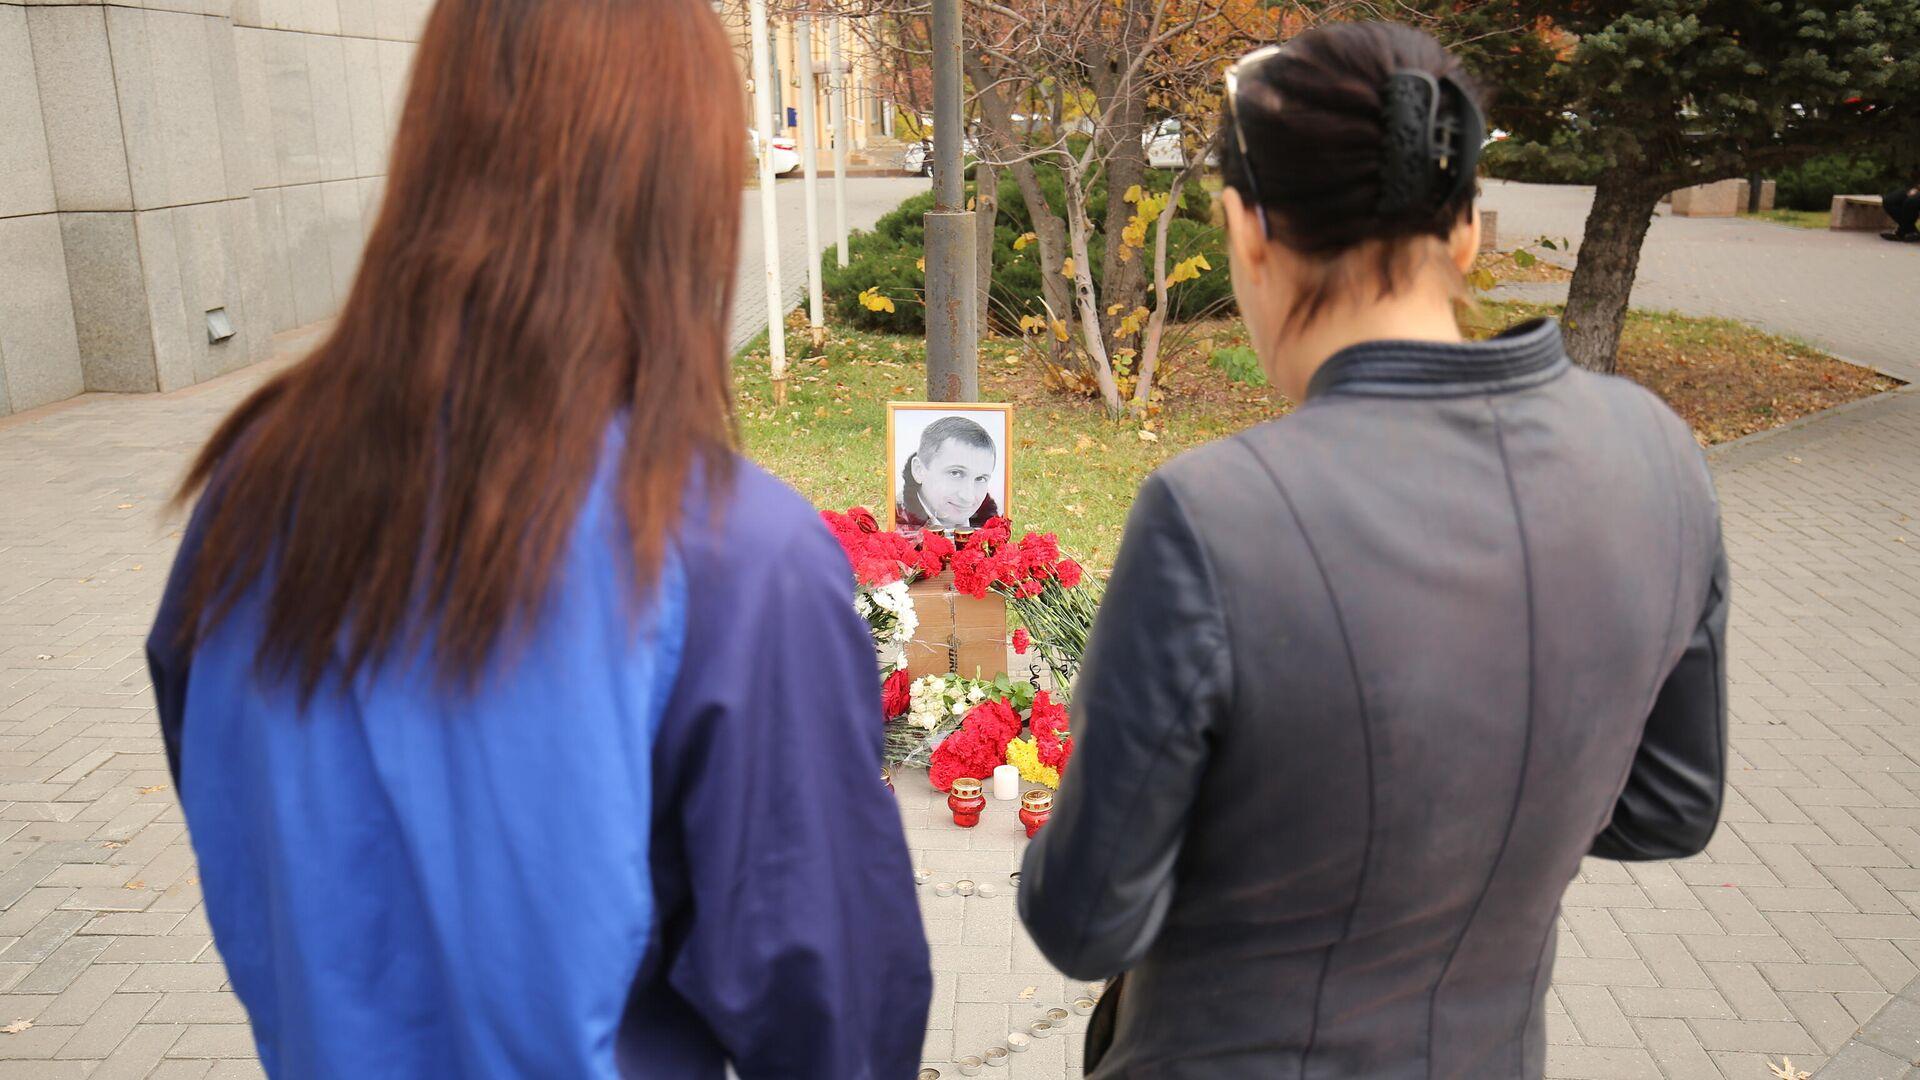 Мемориал рядом с местом гибели в Волгограде Романа Гребенюка в Волгограде - РИА Новости, 1920, 06.11.2020